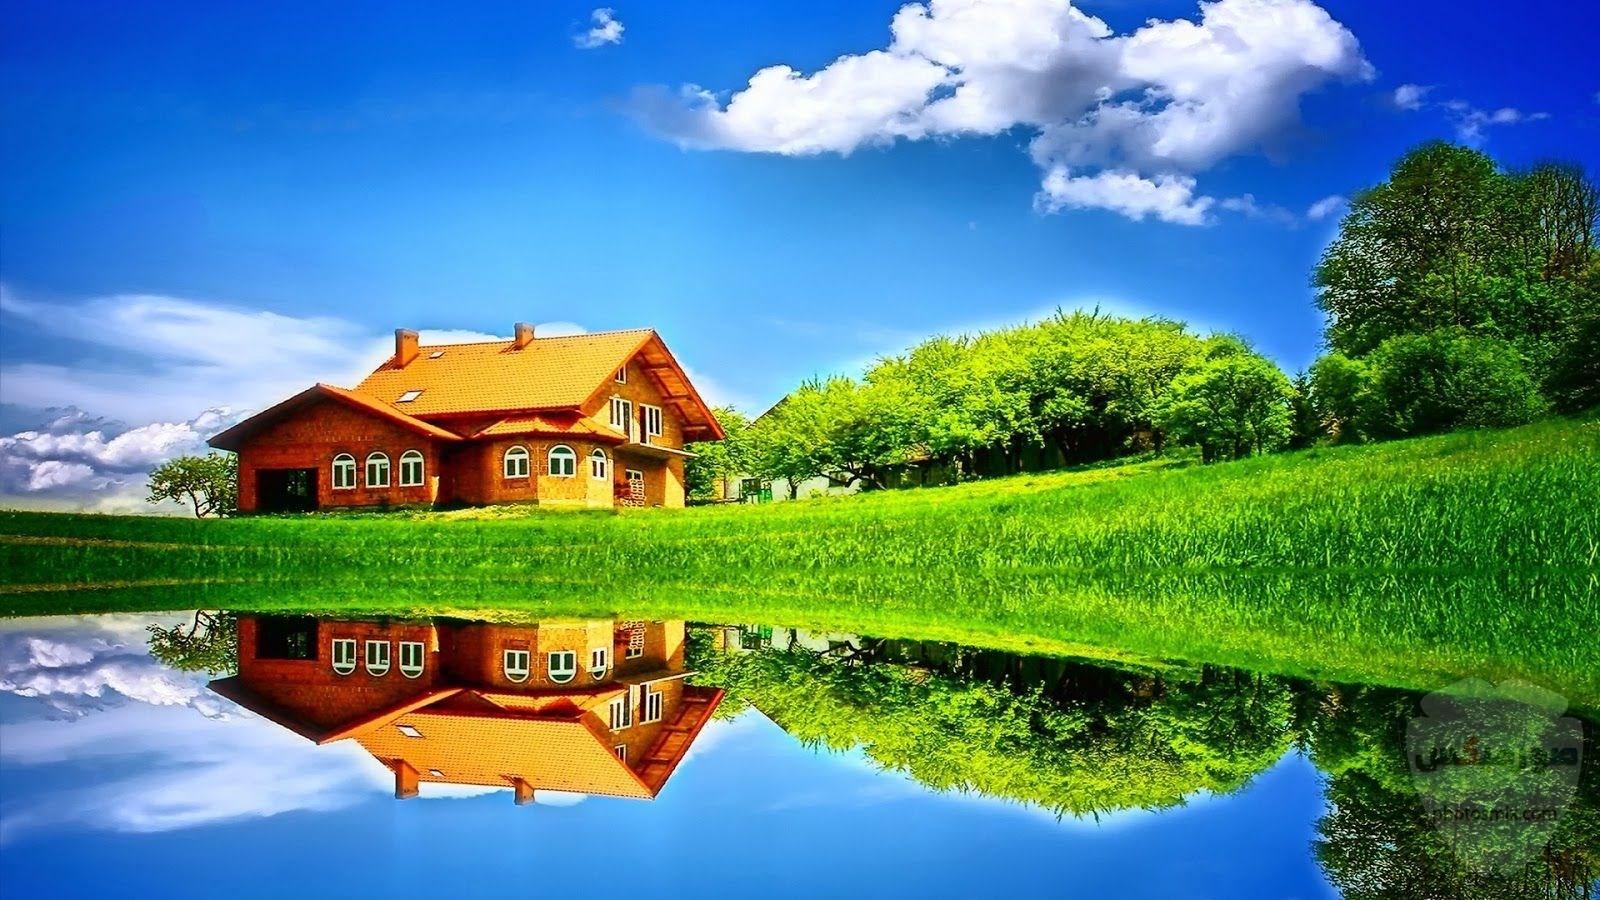 مكونات الطبيعة جمال الطبيعة فوائد الطبيعة صورمن الطبيعة 1